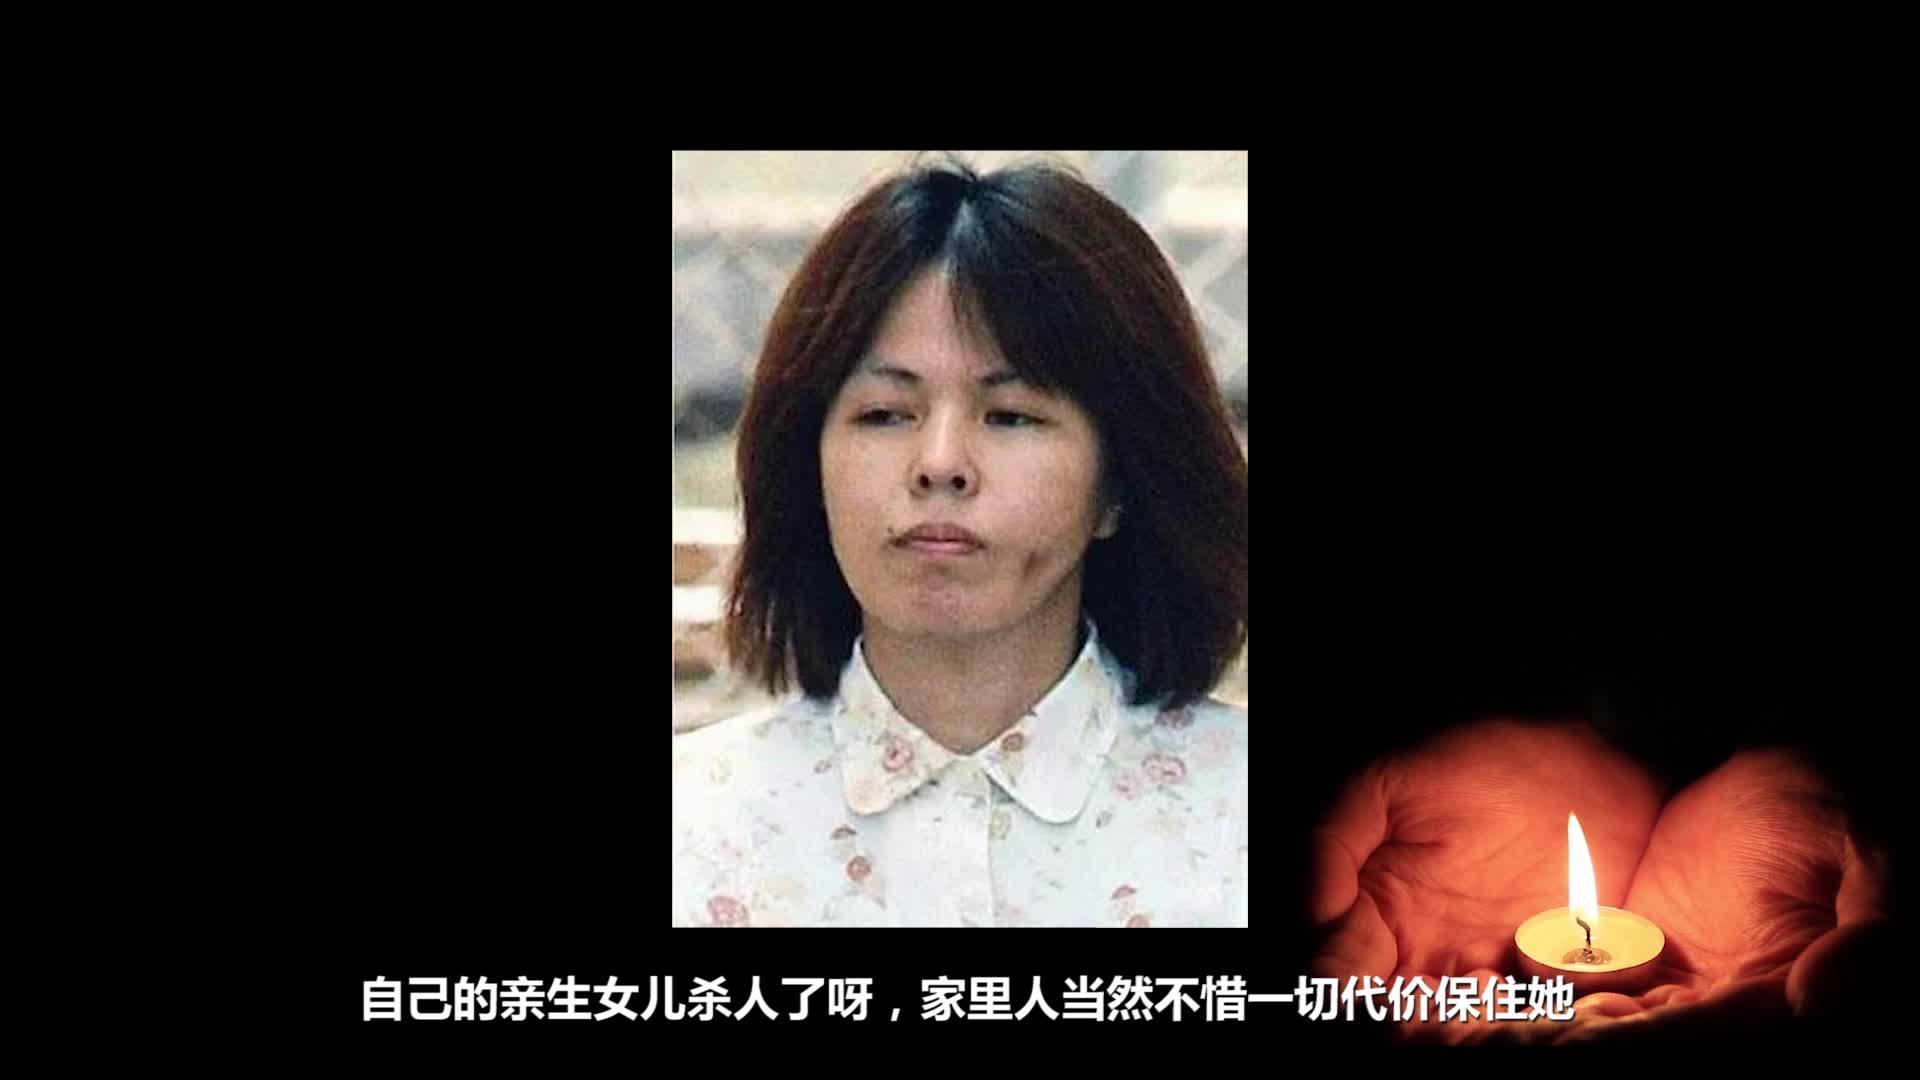 Big笑工坊-日本夫妻监禁亲戚杀害7人,凶手却没动过手!